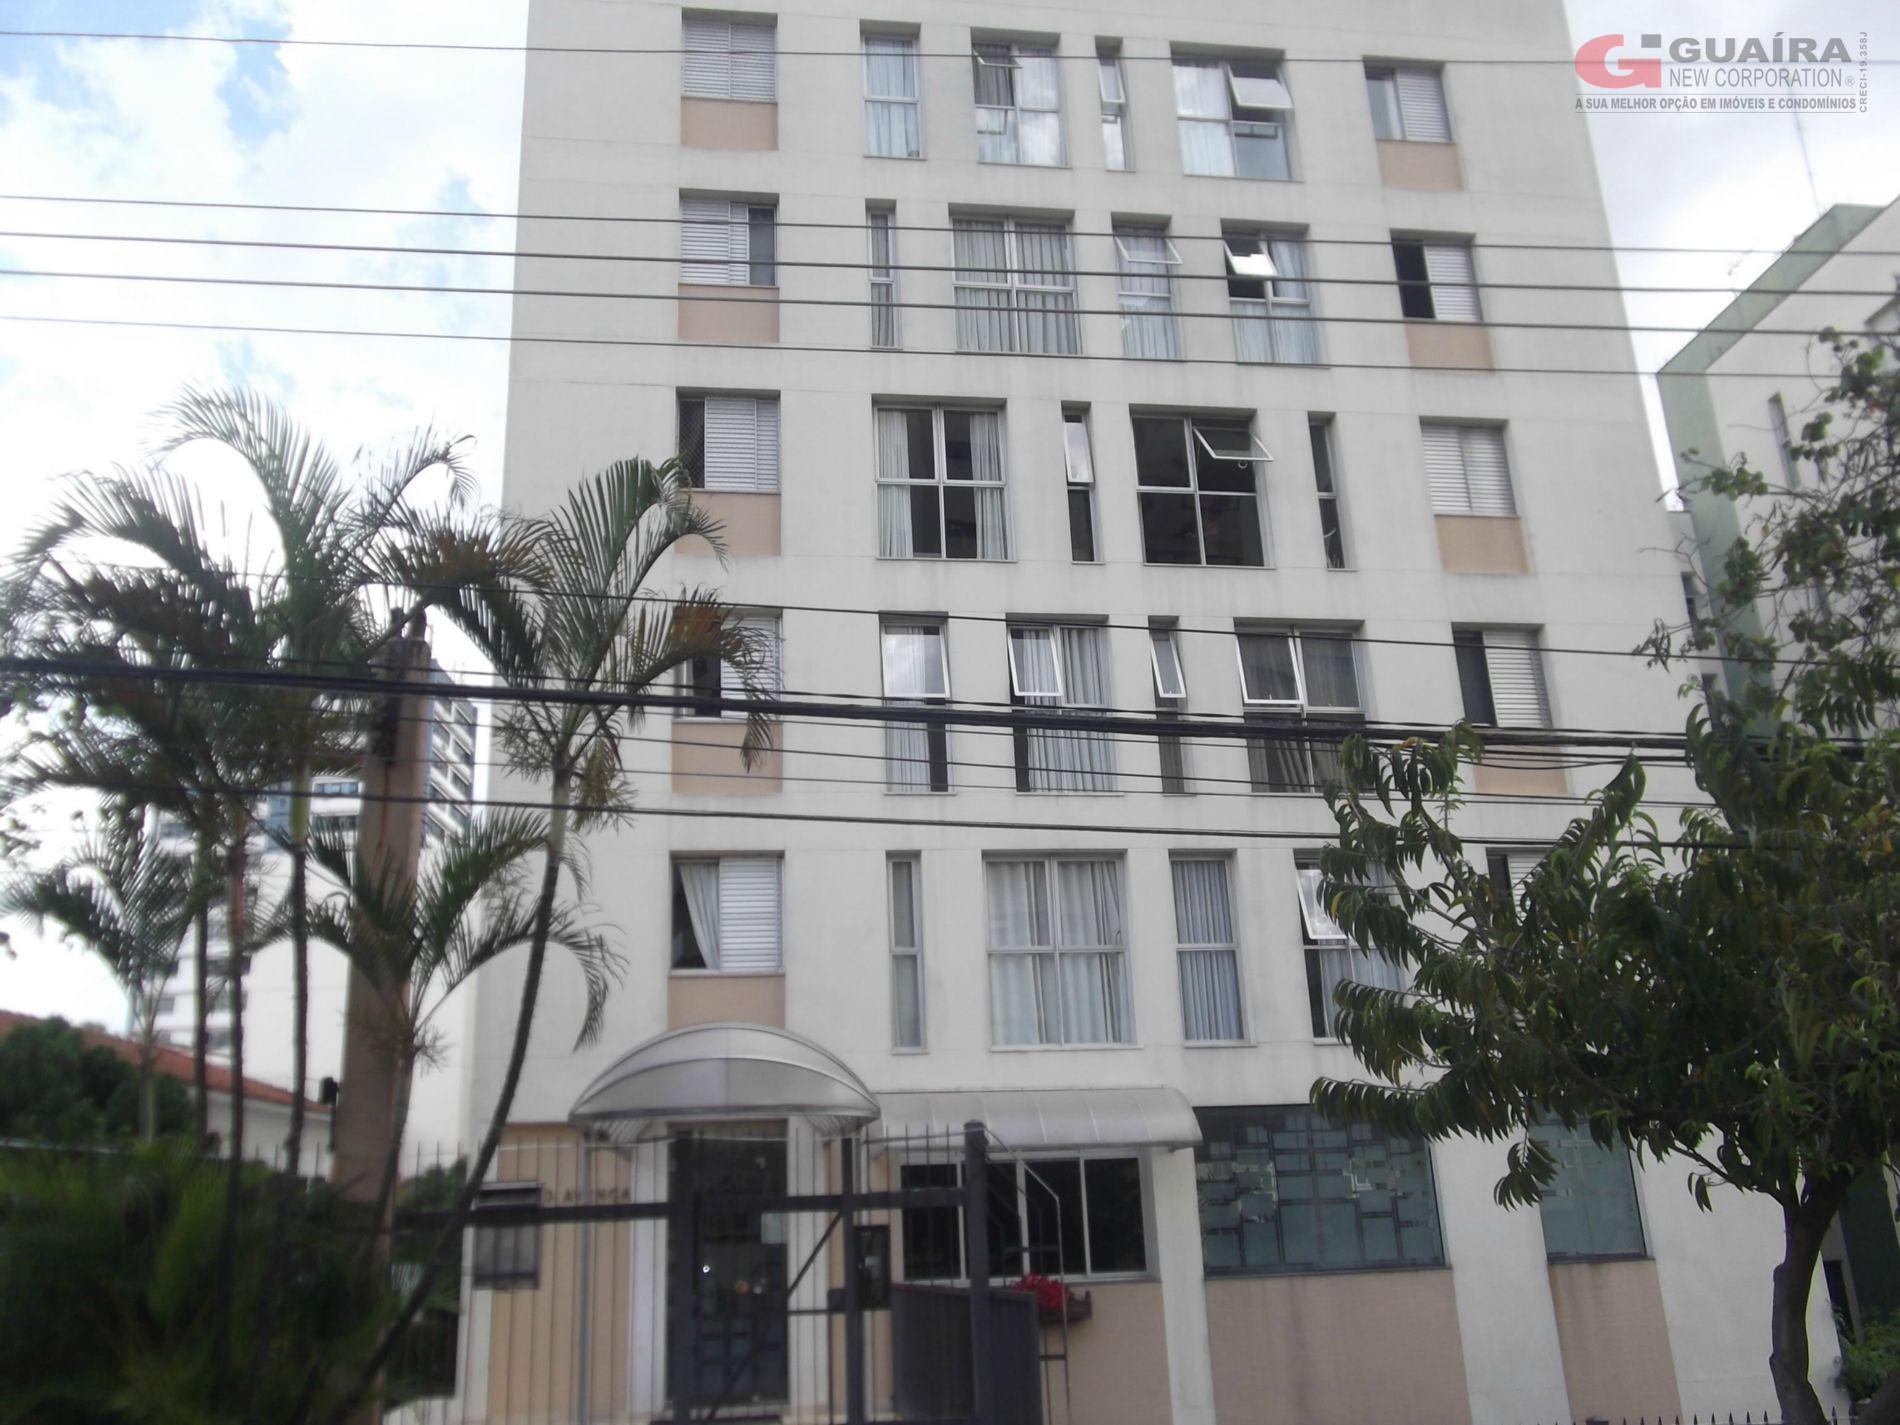 Apartamento de 2 dormitórios à venda em Jardim Bela Vista, Santo André - SP